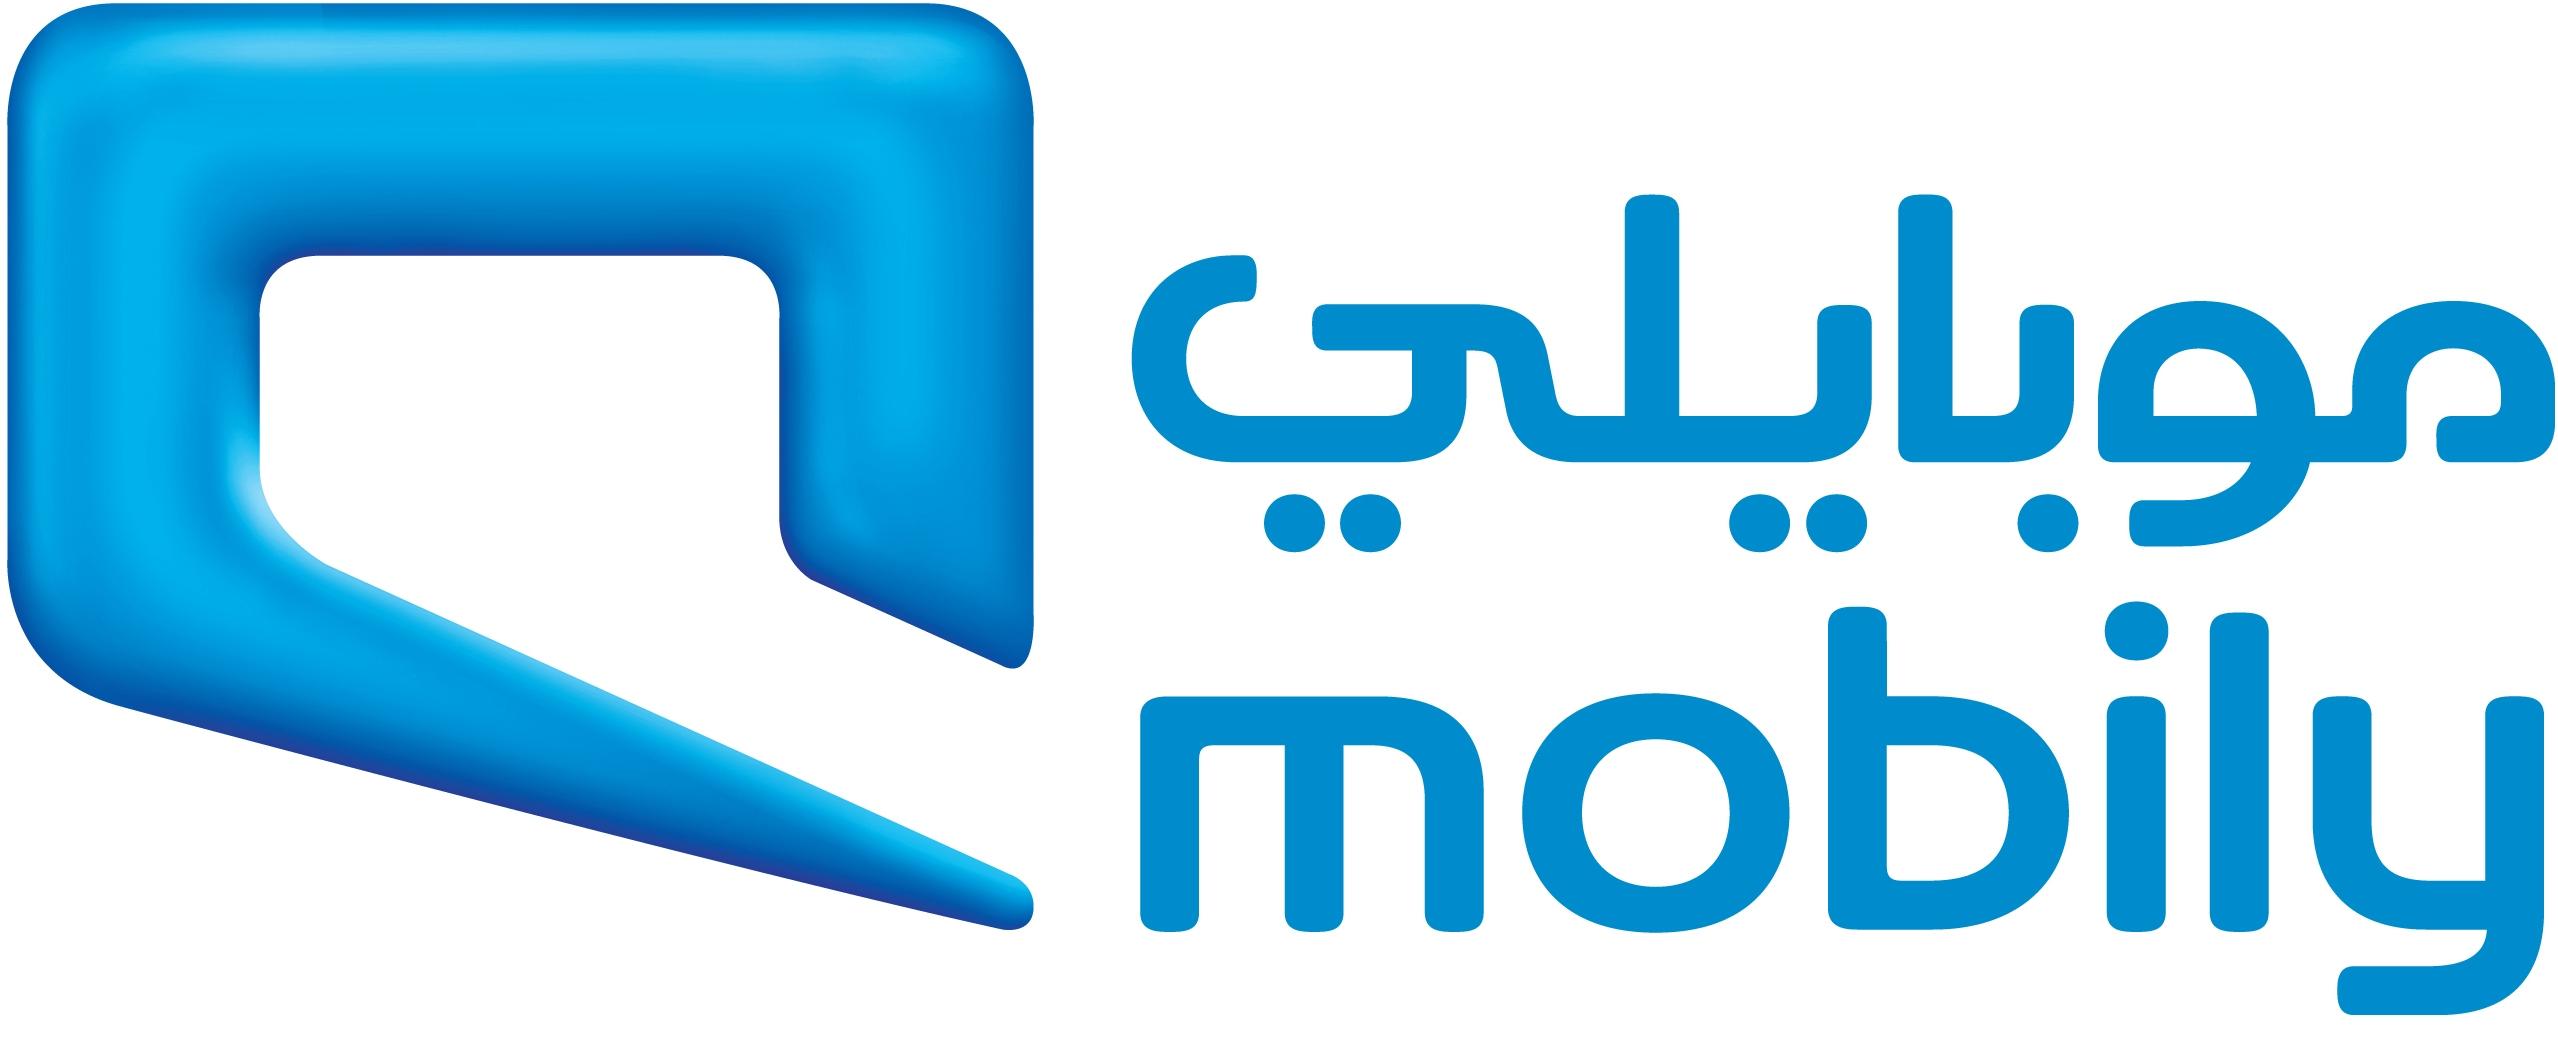 ������ ����� ����� ������� mobily.jpg